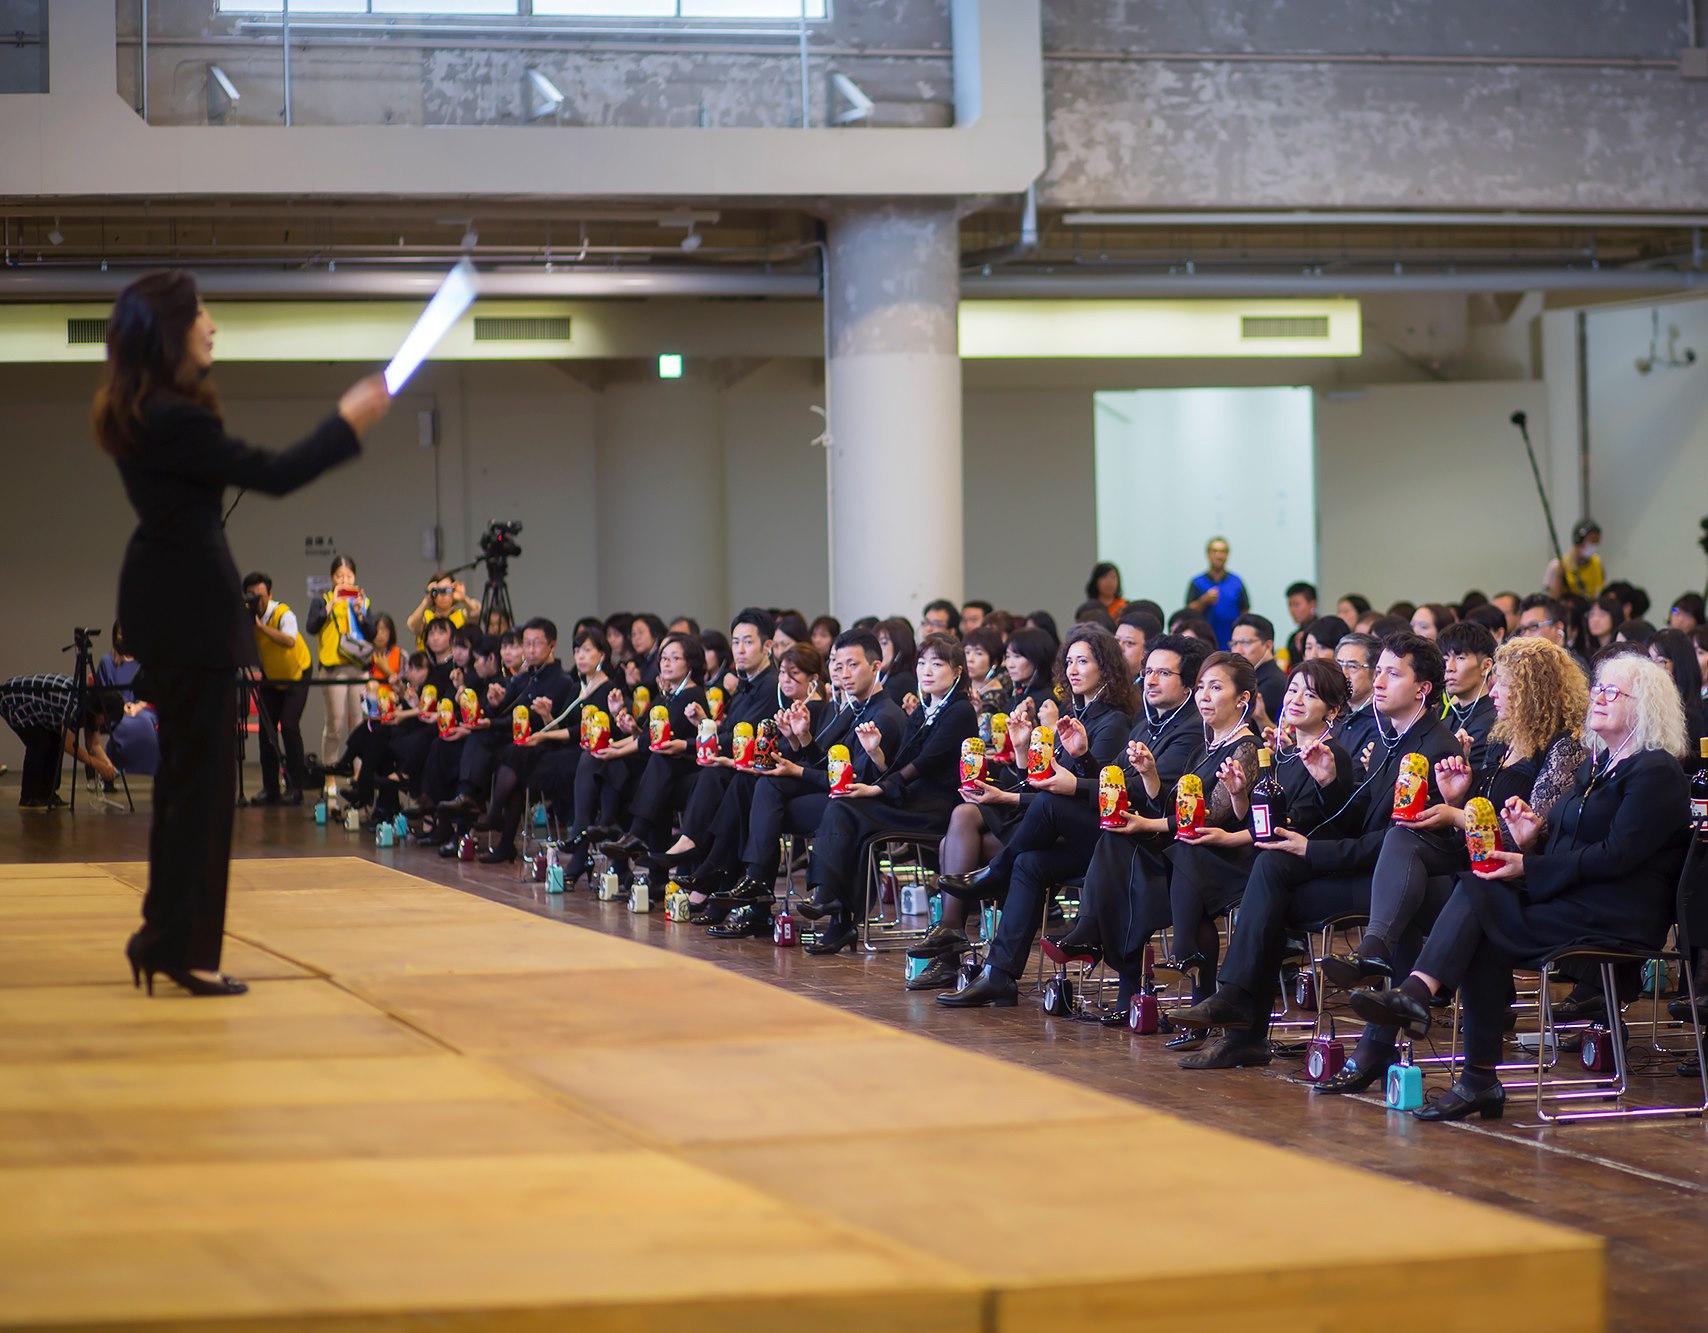 Концерт 14 сентября 2019 года с матрёминами для нового рекорда Книги Гиннесса. Фото Т. Ходовой. jp.rbth.com